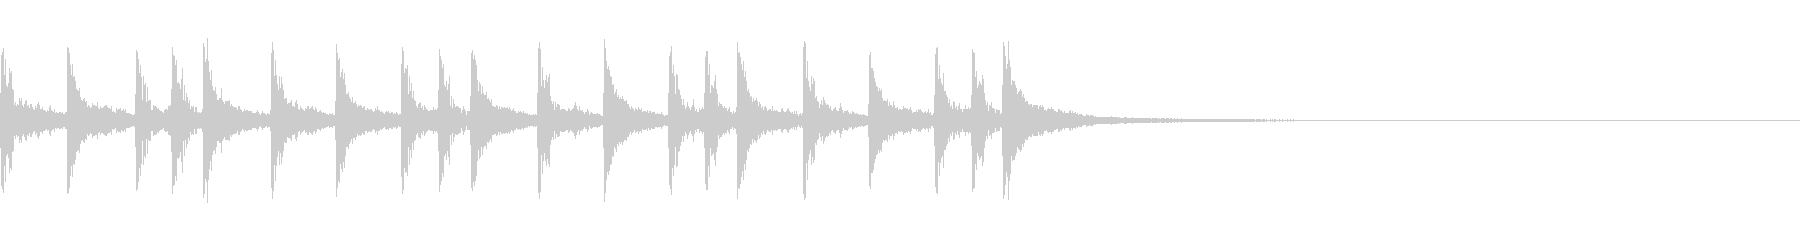 生ドラム_4小節リズムサンプリング   の未再生の波形